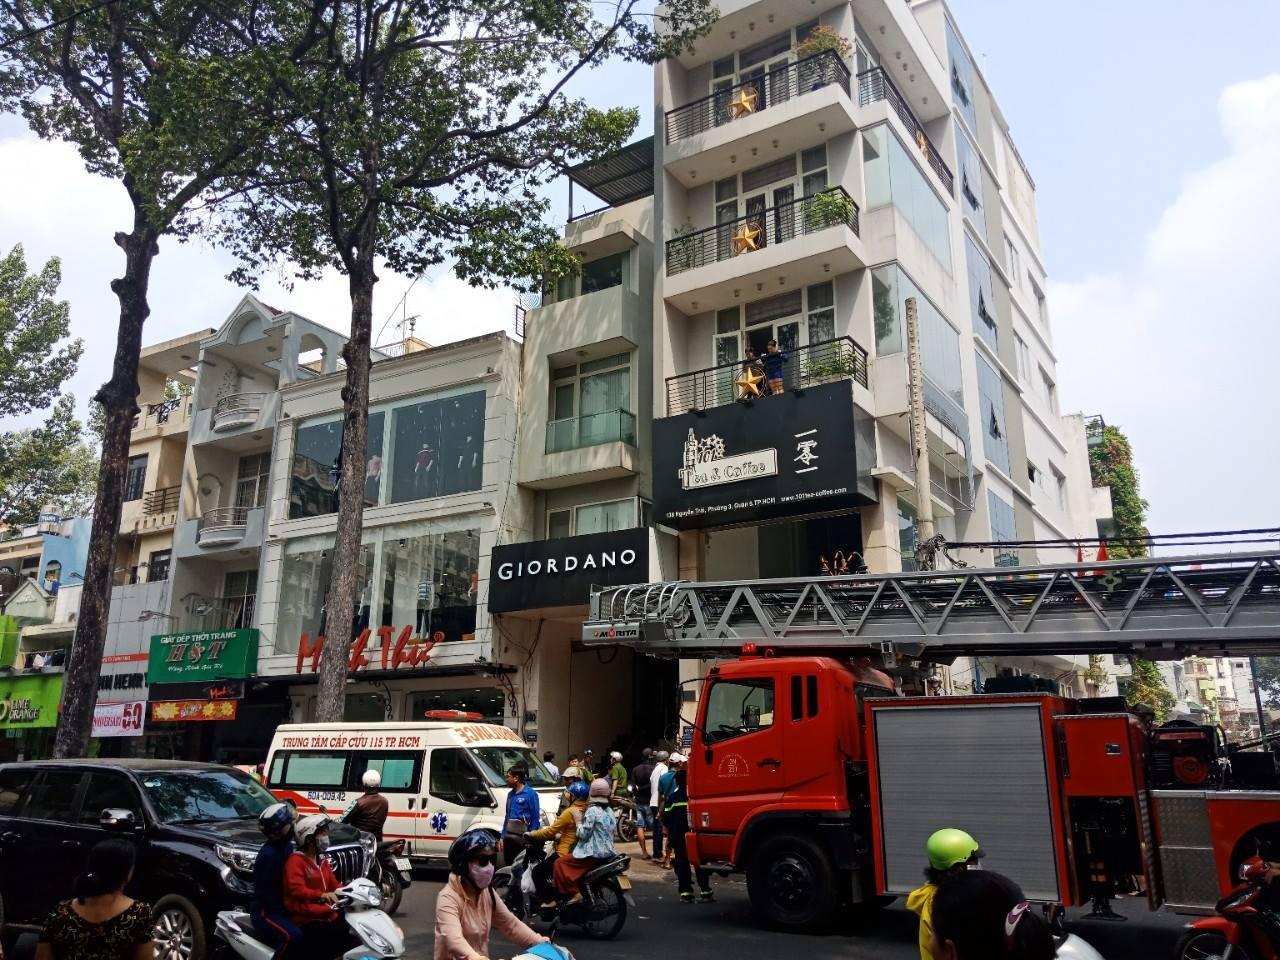 TP. HCM: Thang máy gặp sự cố, nam thanh niên bị kẹt cổ giữa thang máy với sàn nhà nguy kịch - Ảnh 1